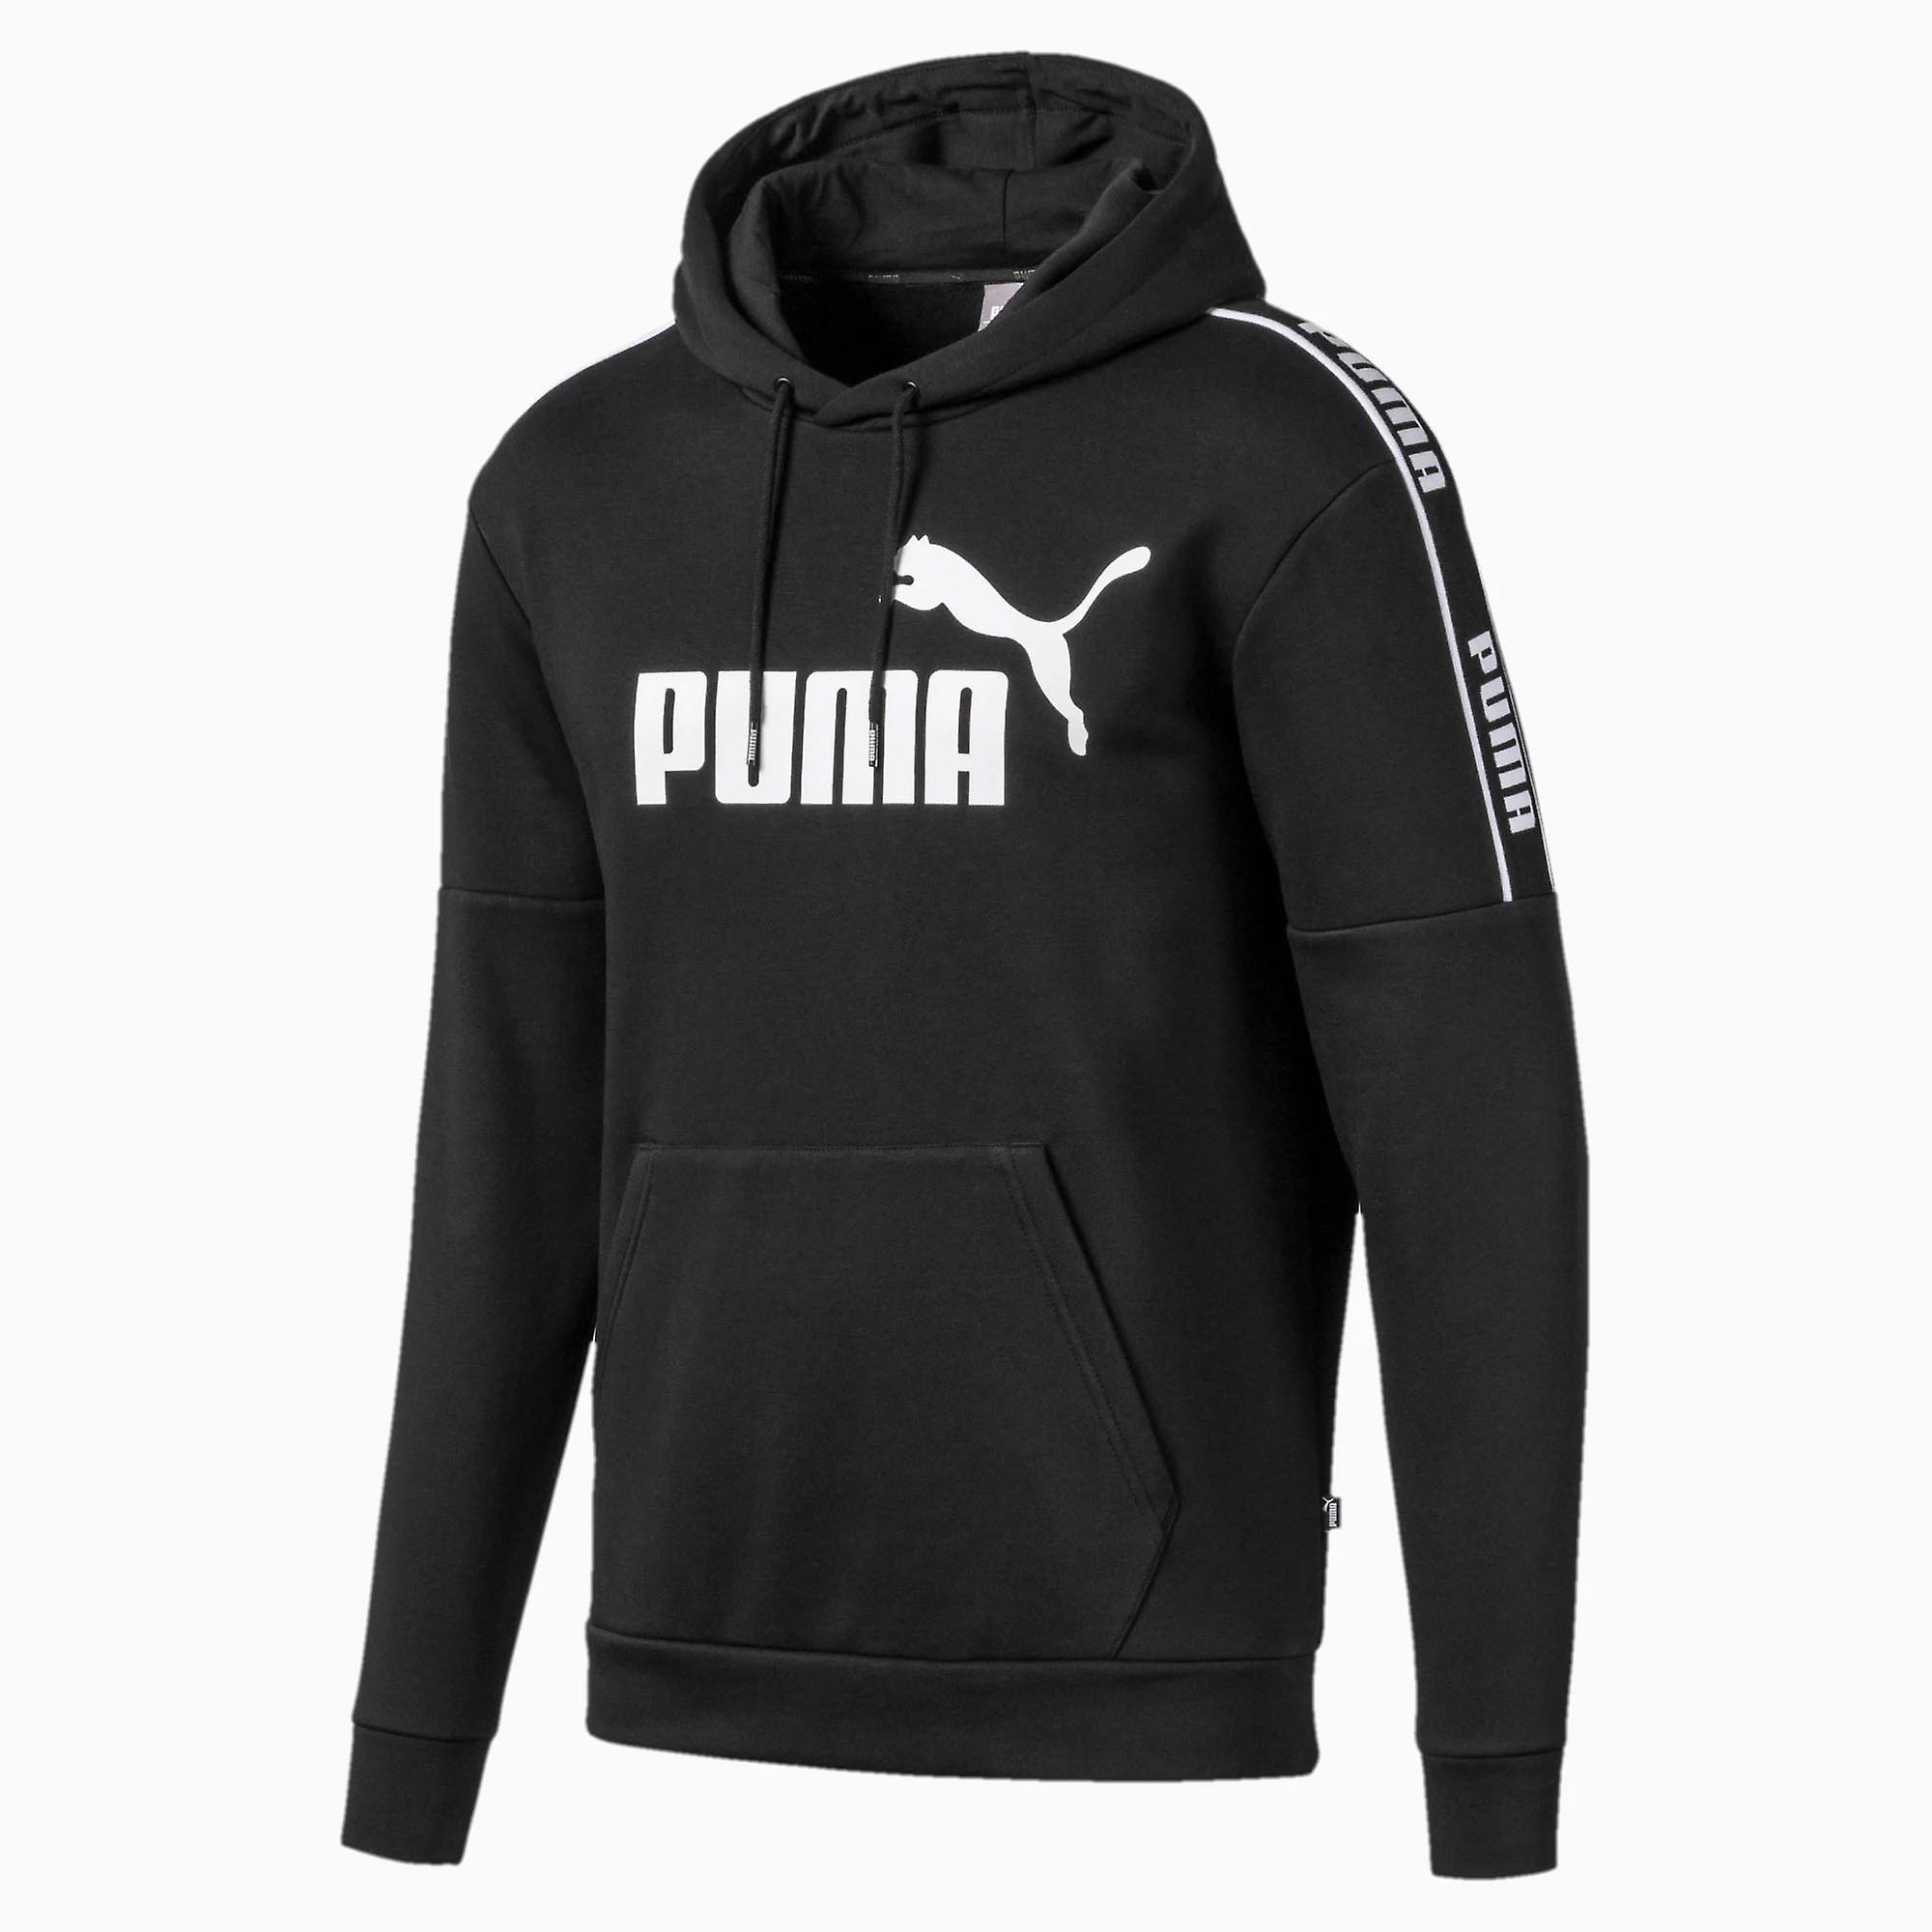 Puma Amplified Fleece Over Head Mens Hoodie Hoody Jacket Black